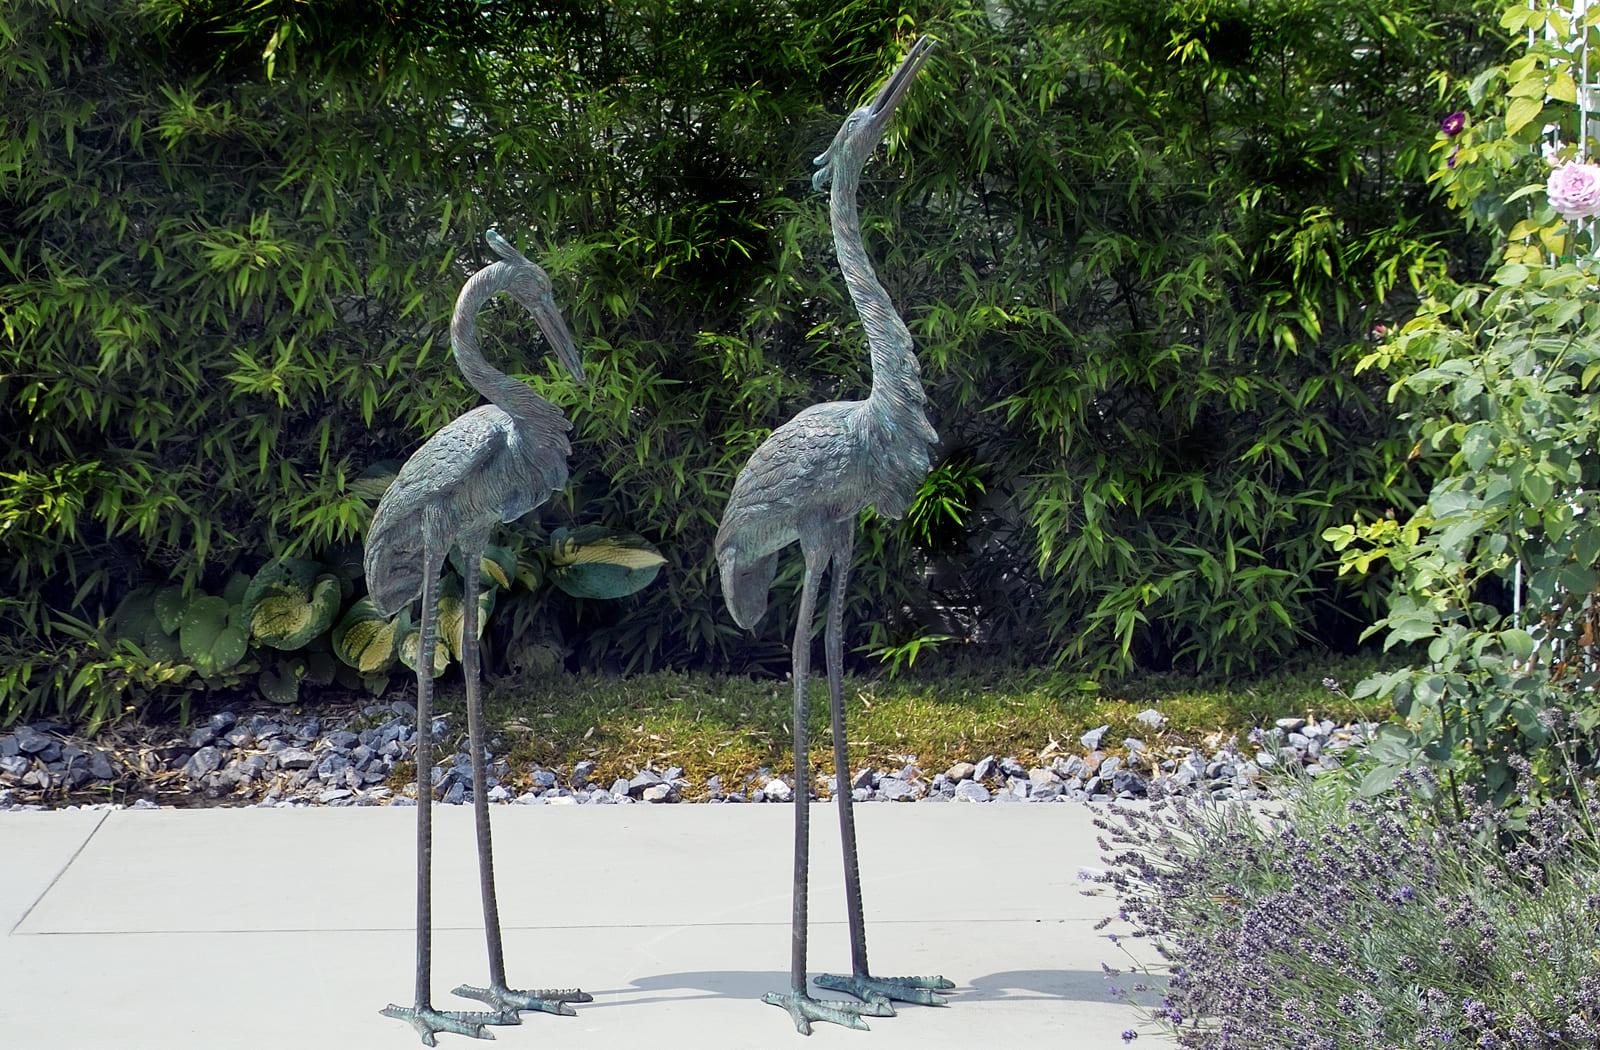 Full Size of Skulptur Garten Bronze Skulpturgruppe Reiherpaar Hg Galerie Haus Loungemöbel Günstig Gaskamin Klappstuhl Schaukelstuhl Sichtschutz Im Liegestuhl Sitzbank Wohnzimmer Skulptur Garten